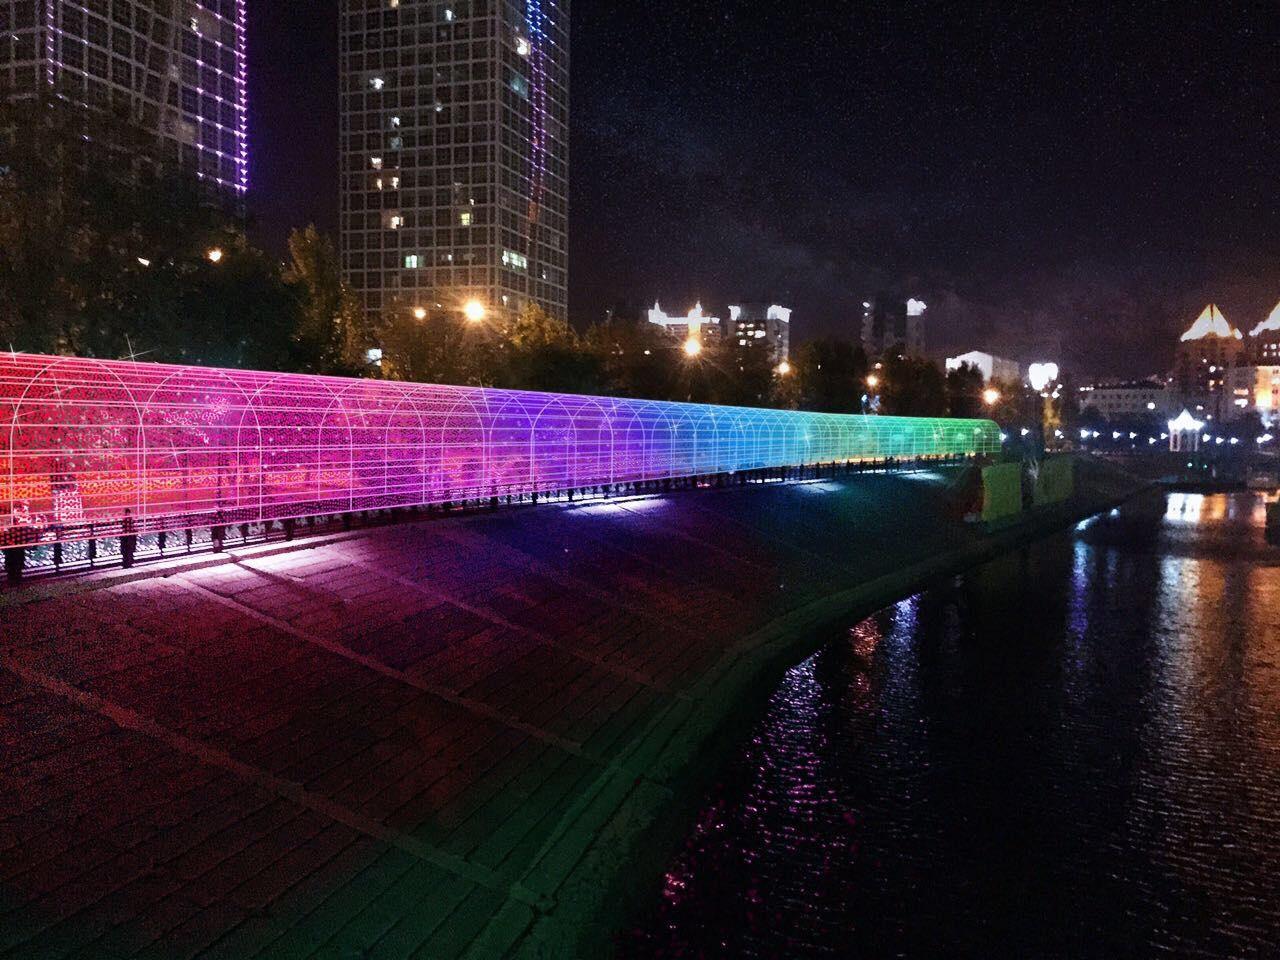 Вся конструкция будет обладать динамической системой освещения